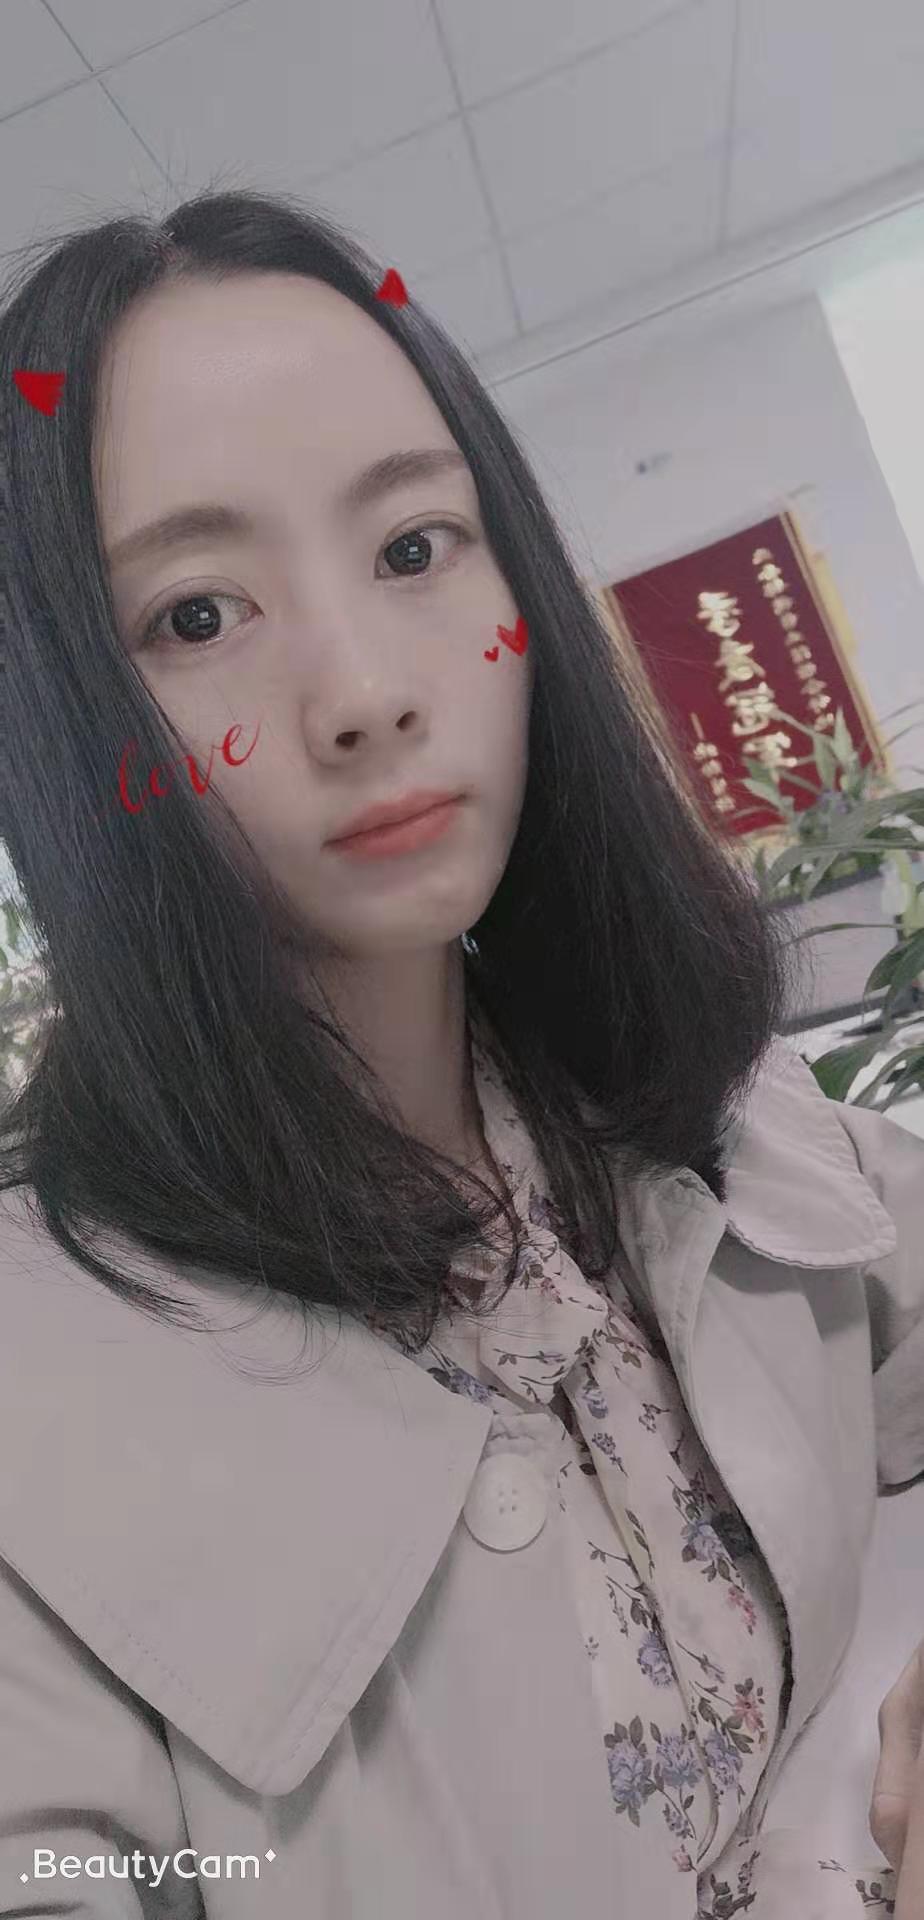 朱炳梅 - qaxyf.com北納標物網